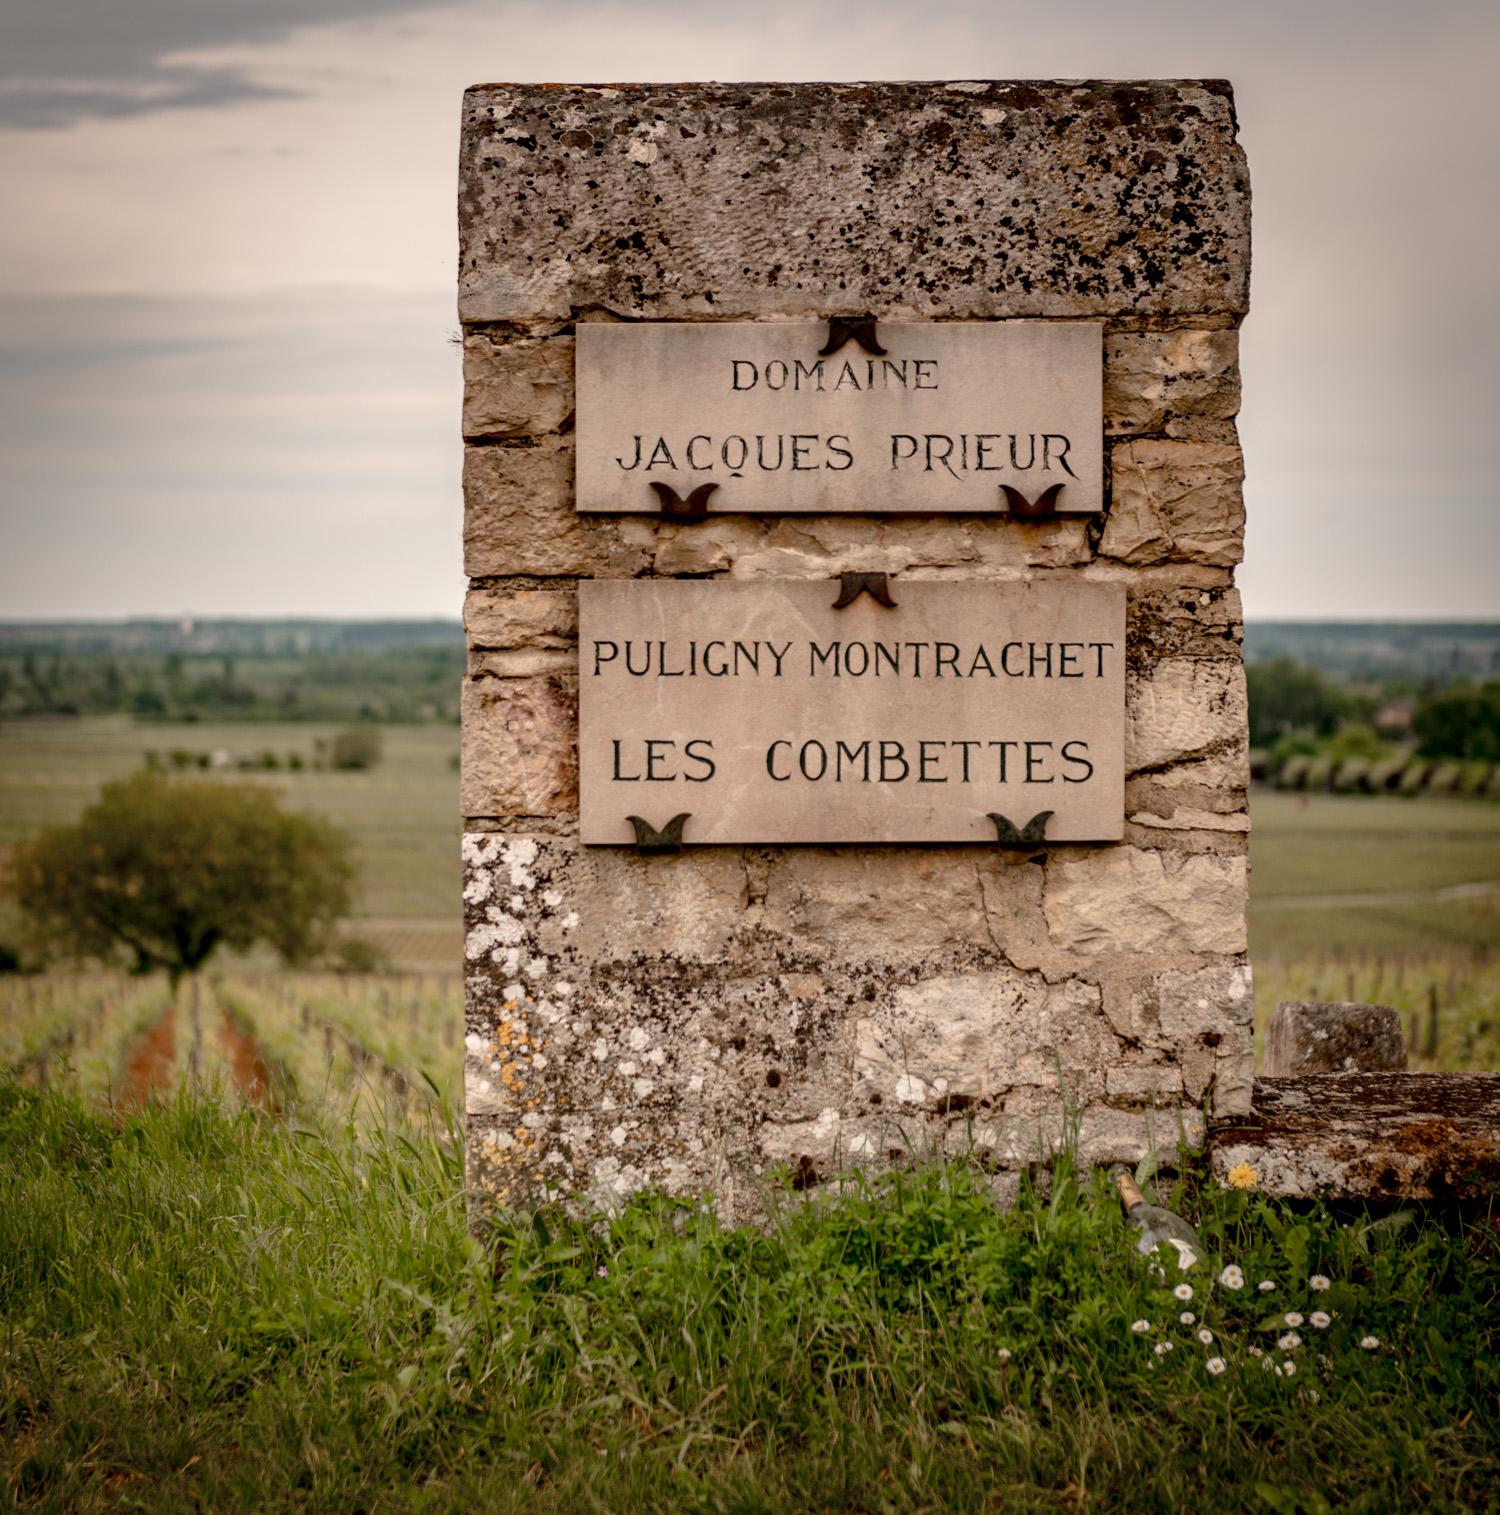 Burgundy : Cote de Beaune : Puligny-Montrachet : Les Combettes